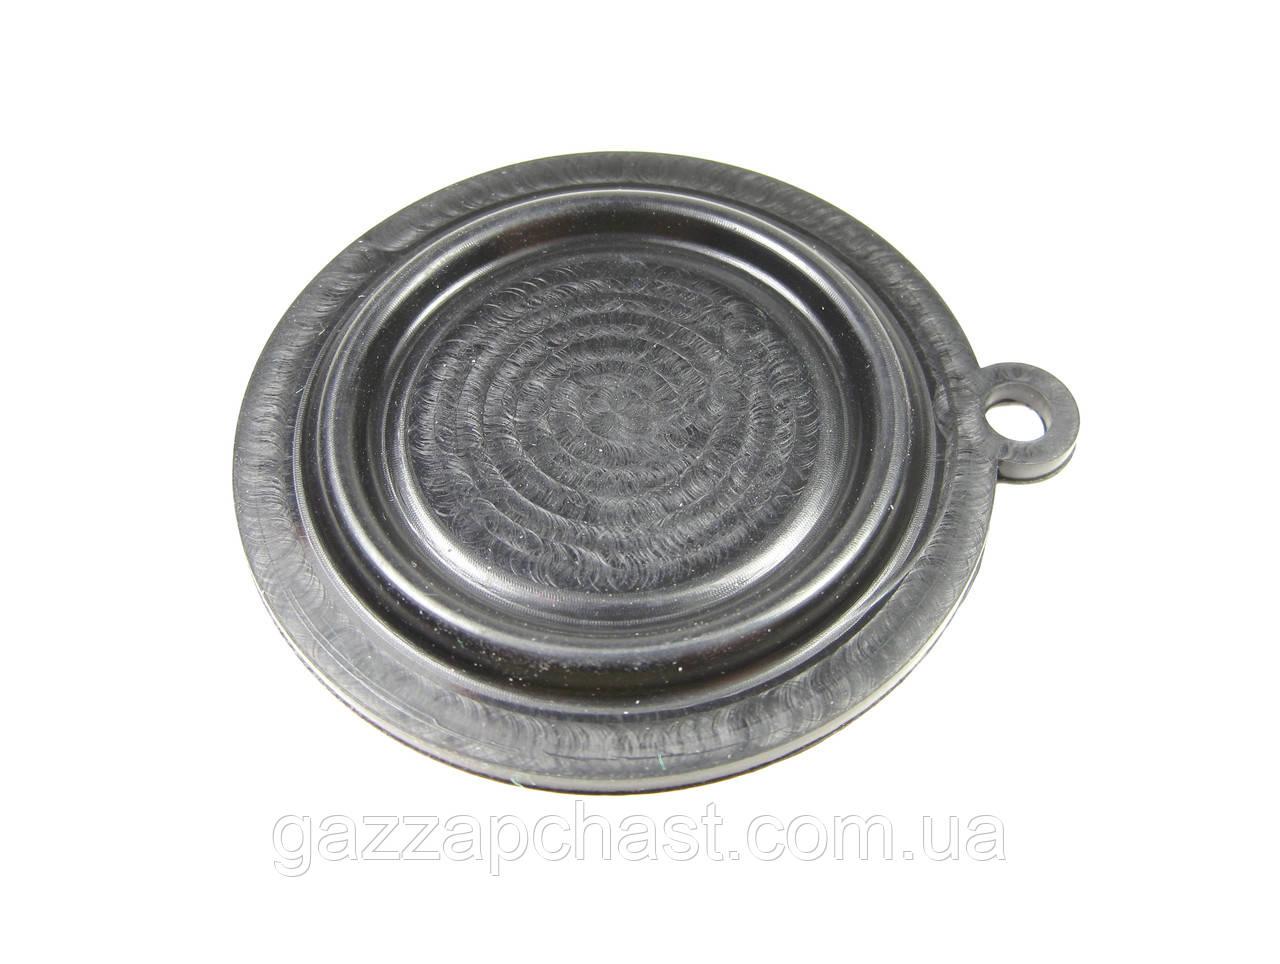 Мембрана Vaillant Atmo Mag, диаметр 57 мм, 013045